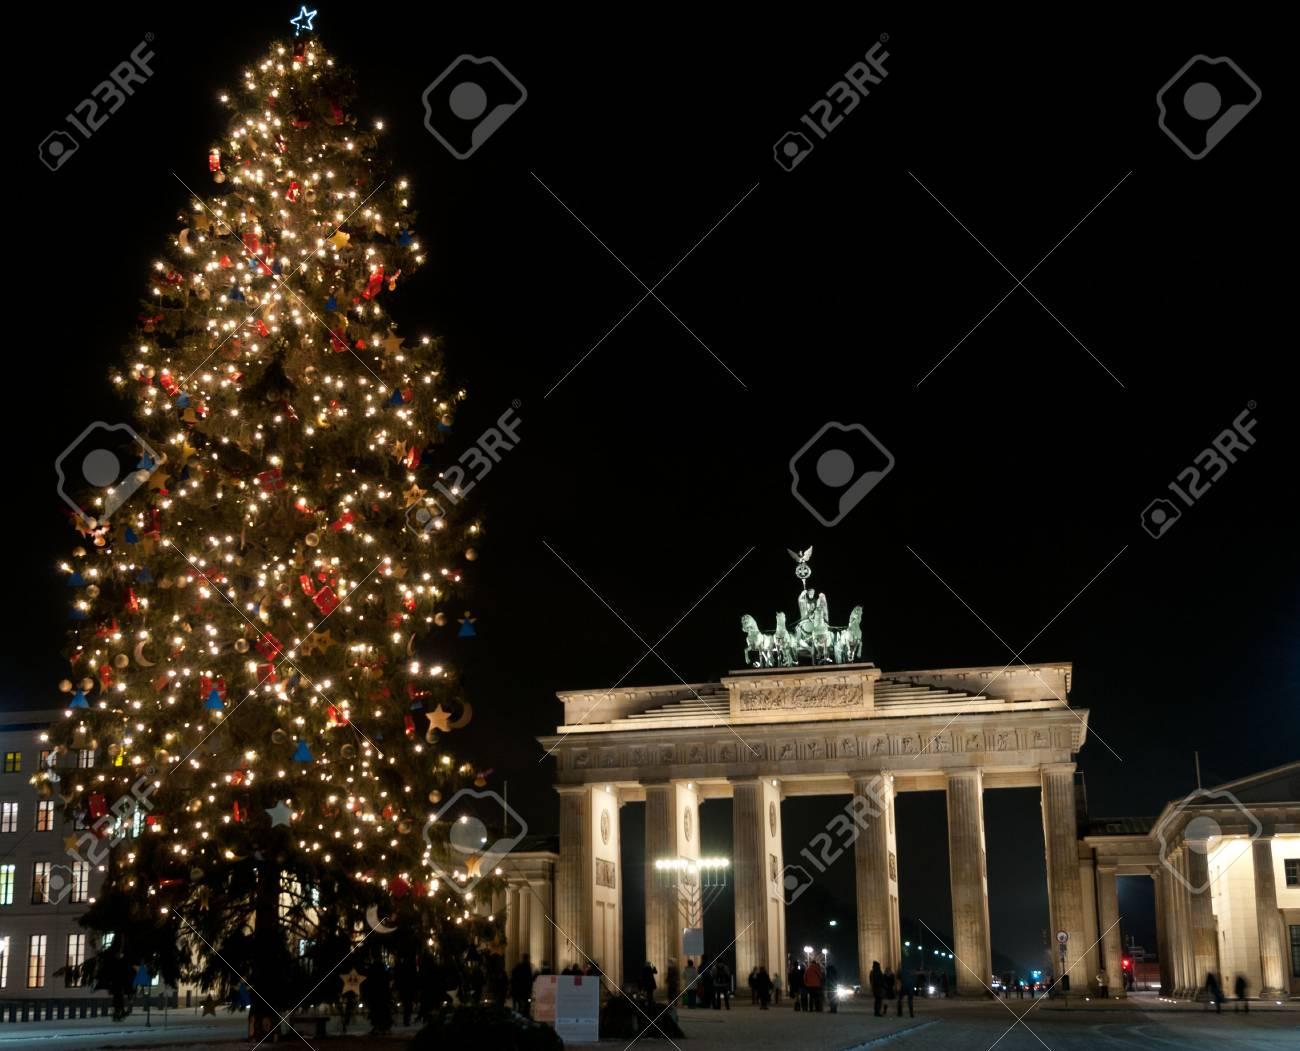 Weihnachtsbaum brandenburg